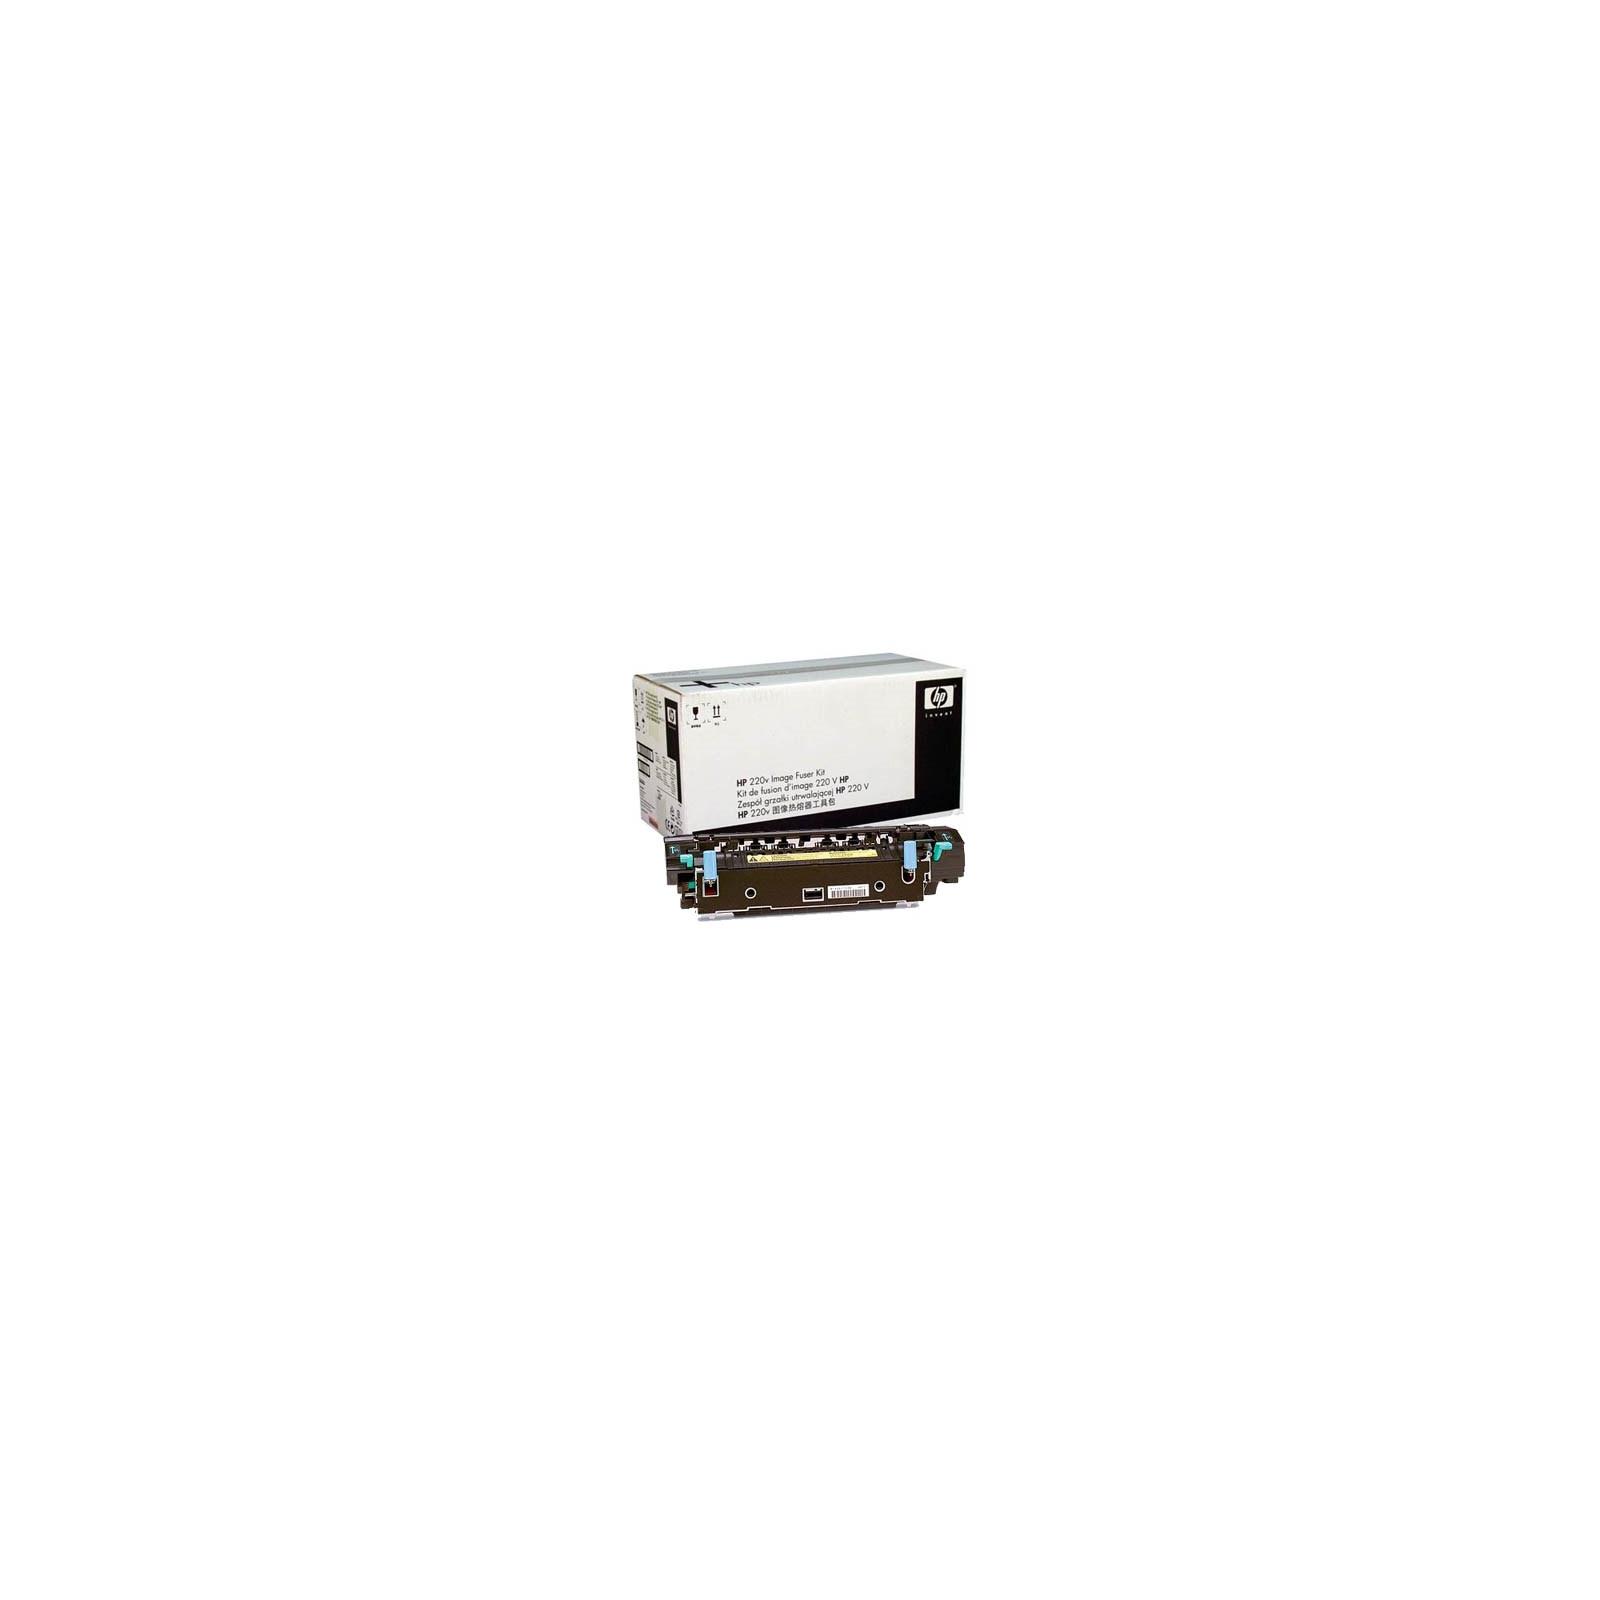 Фьюзер HP Fuser kit for CLJ4700 (220V) (Q7503A)